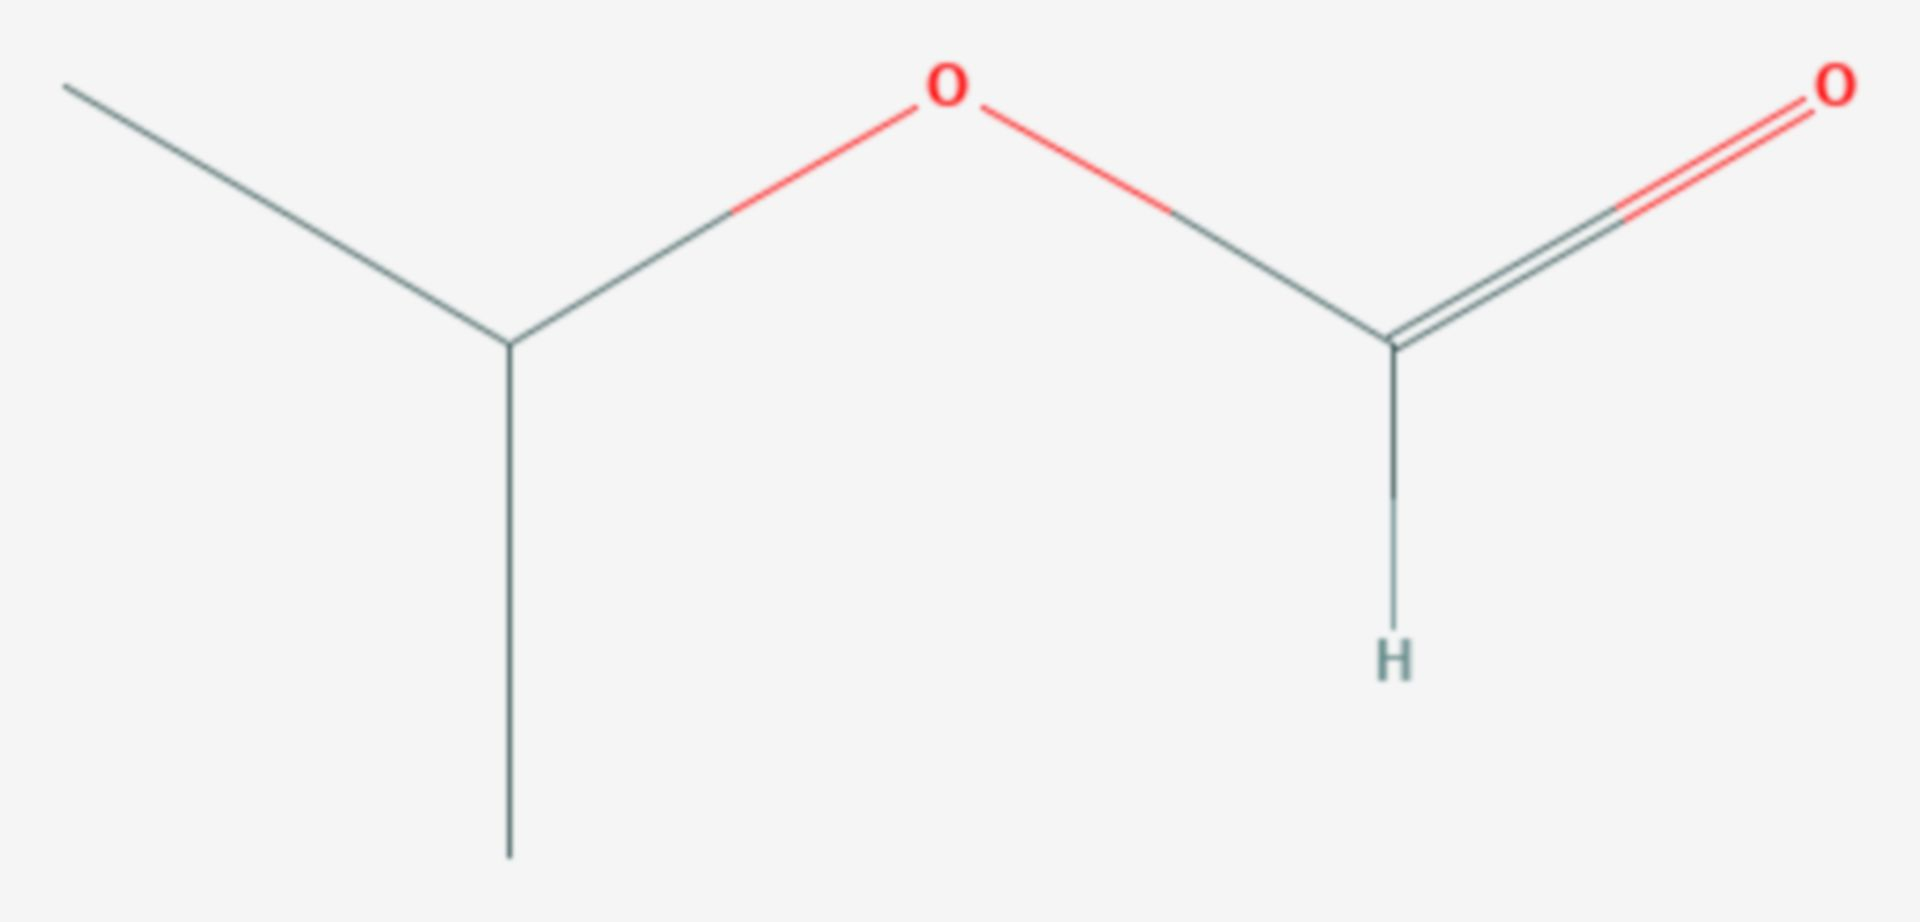 Ameisensäureisopropylester (Strukturformel)